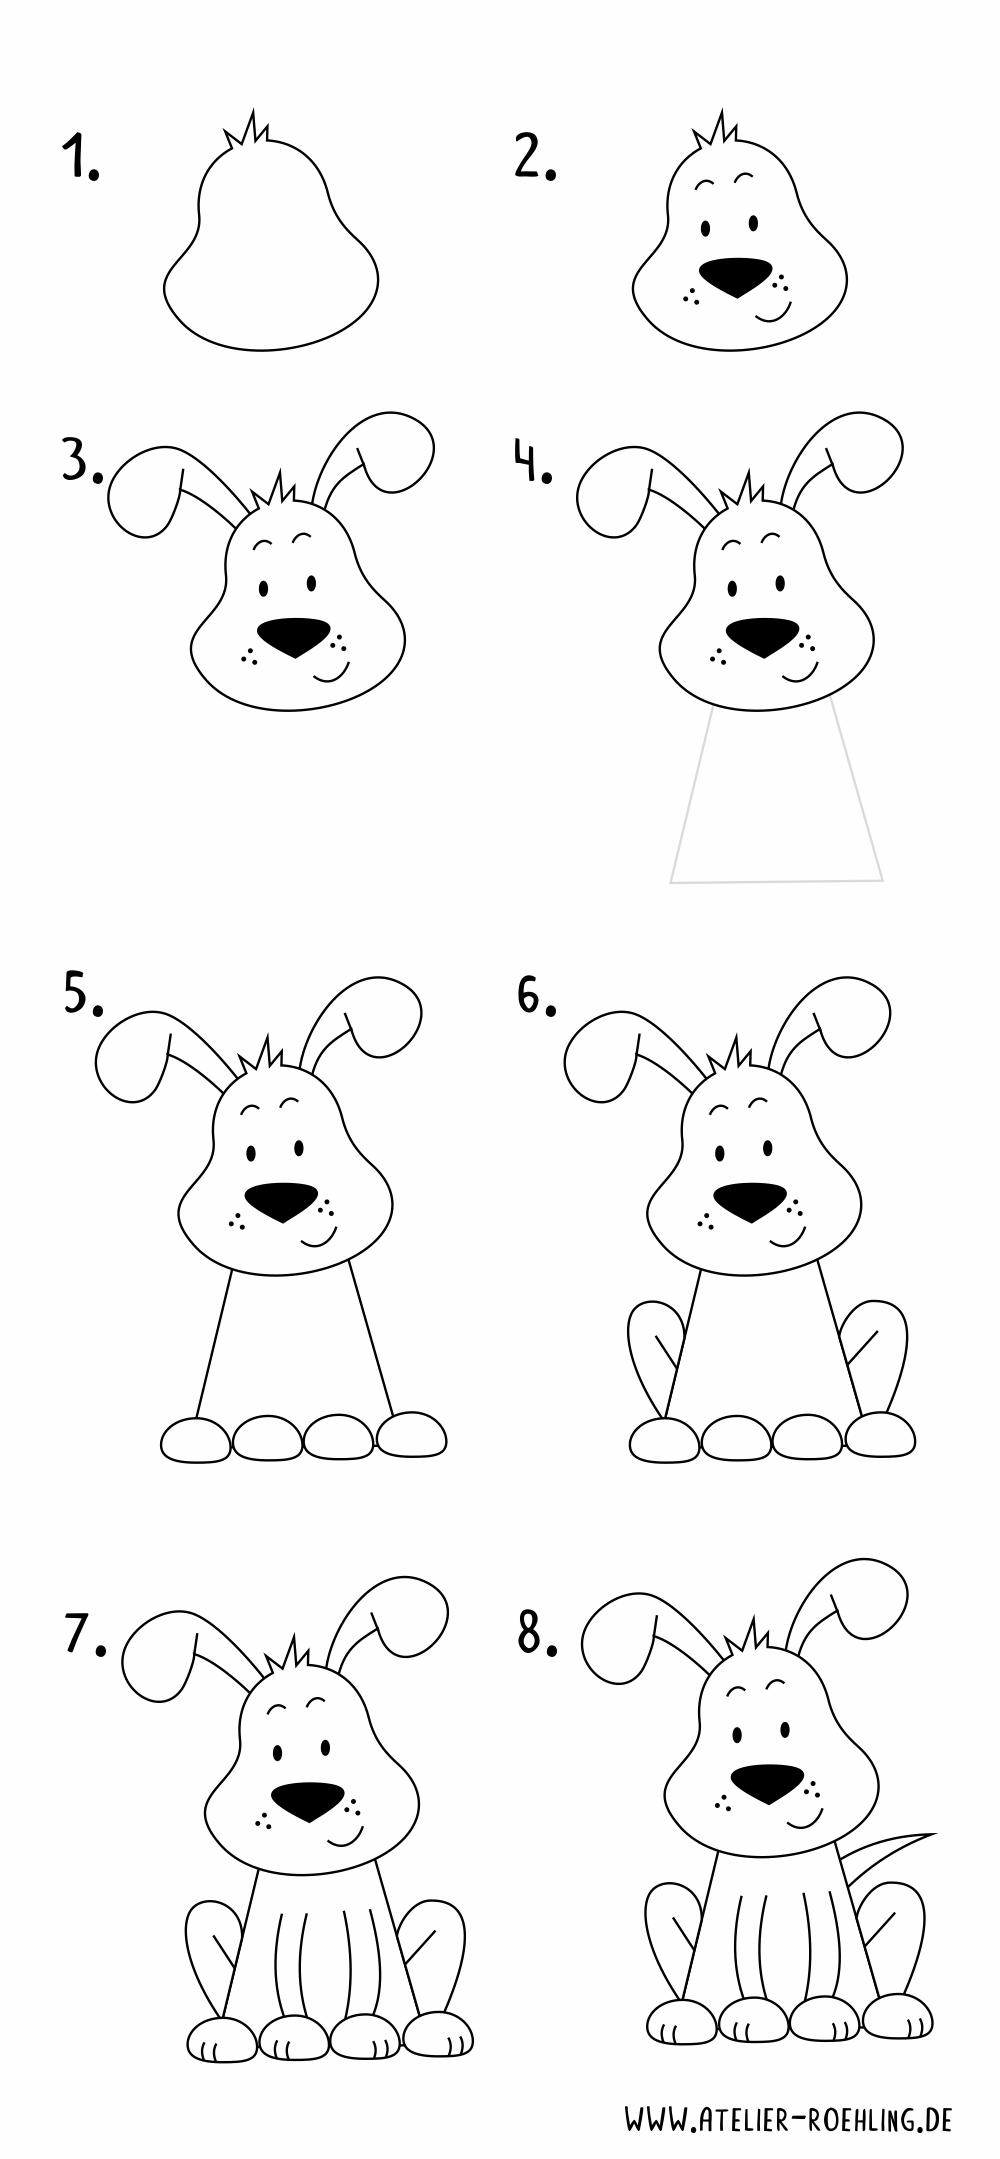 Wie Zeichnet Man Einen Hund Schritt Fur Schritt Mit Pdf Anleitung Hund Zeichnen Einfache Sachen Zum Zeichnen Hund Einfach Zeichnen